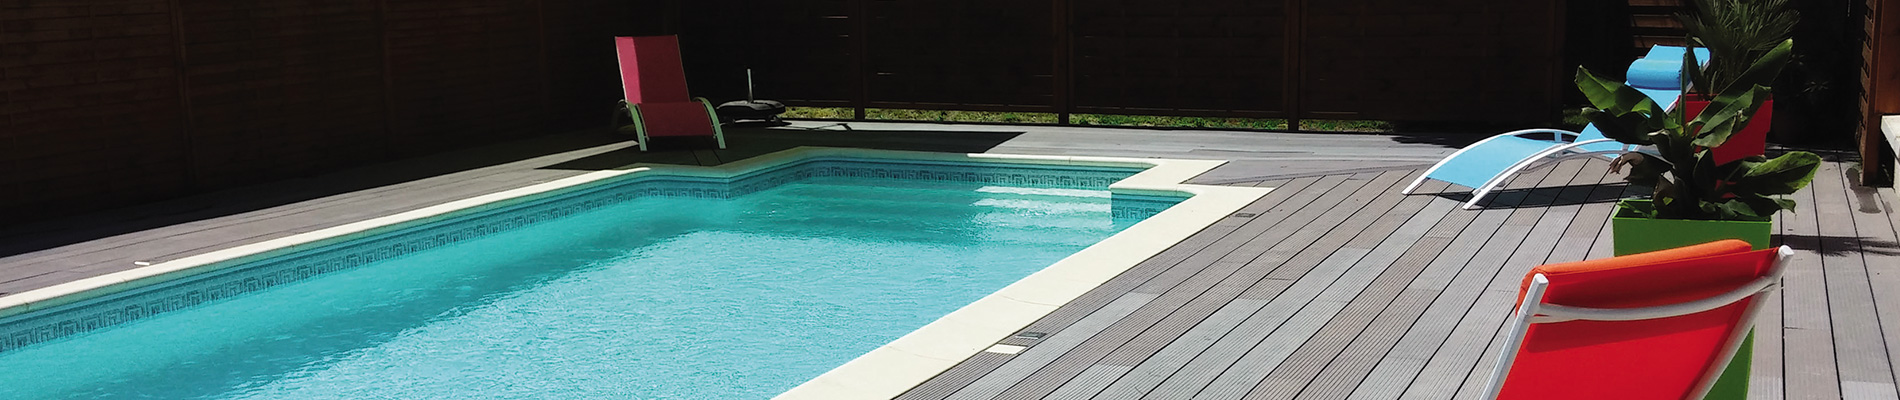 Nos piscines piscines dugain troyes auxerre sens for Piscines dugain